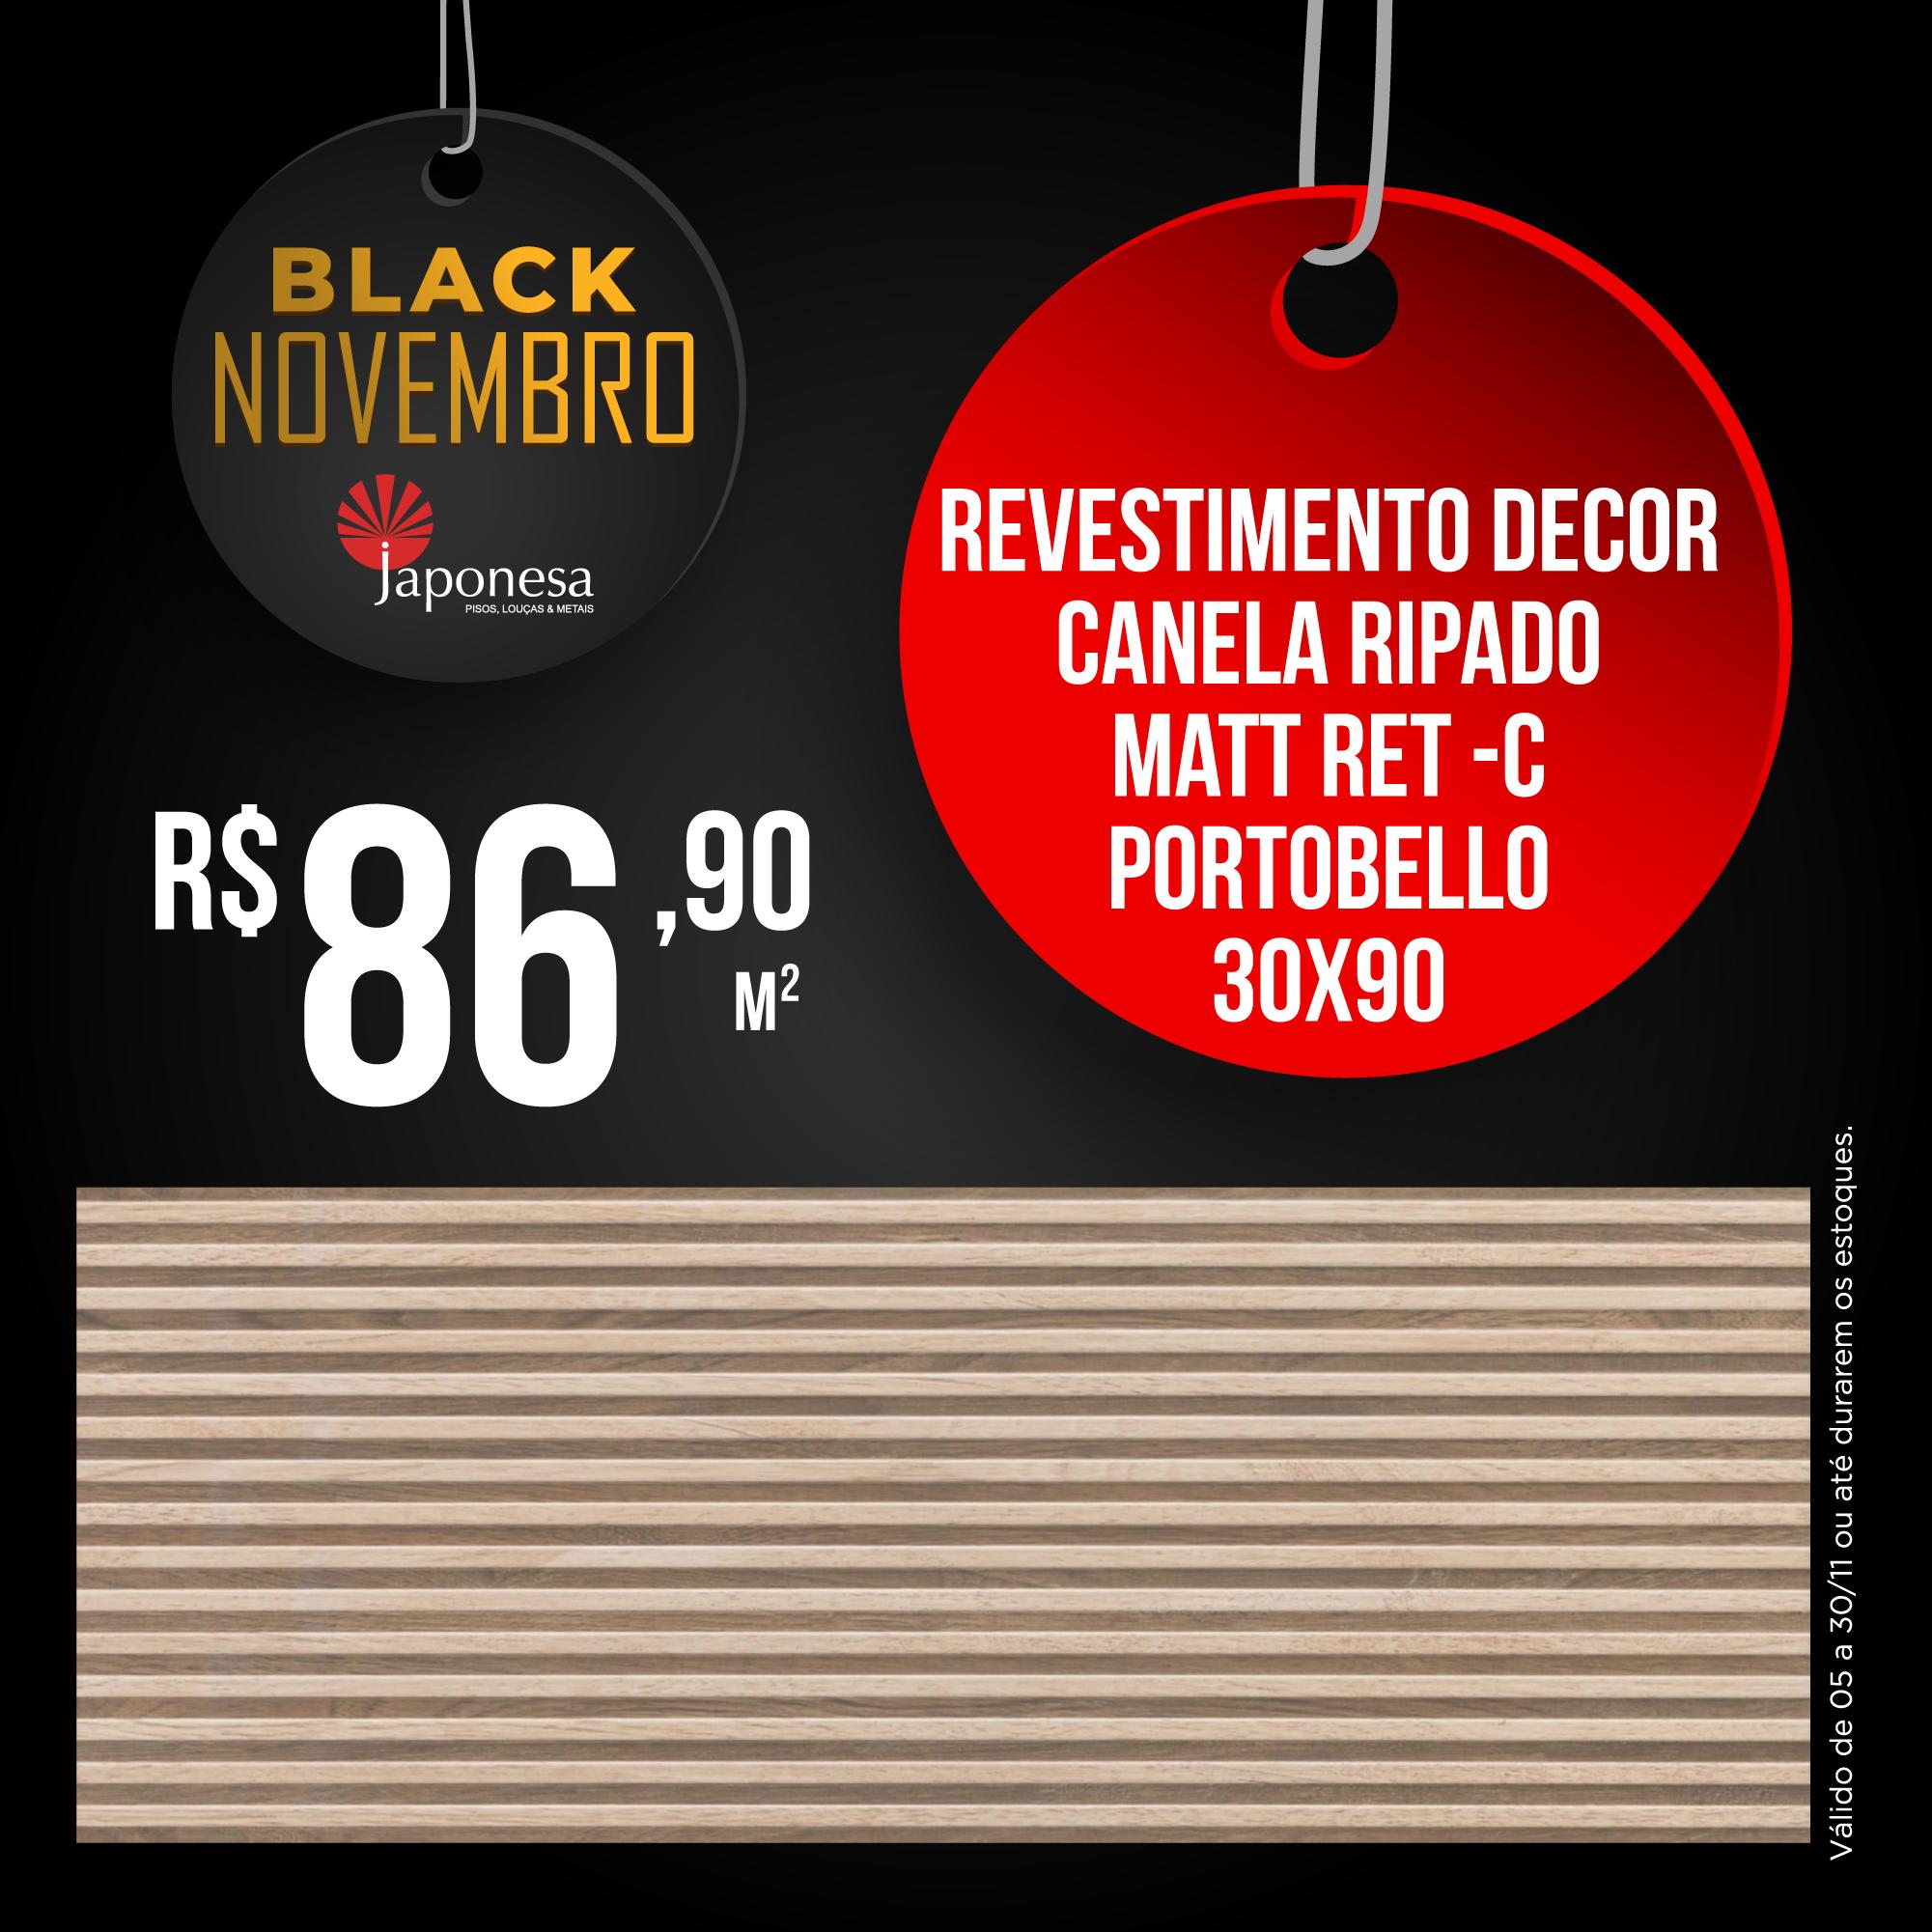 REVESTIMENTO DECOR CANELA RIPADO MATT RET – C PORTOBELLO 30X90